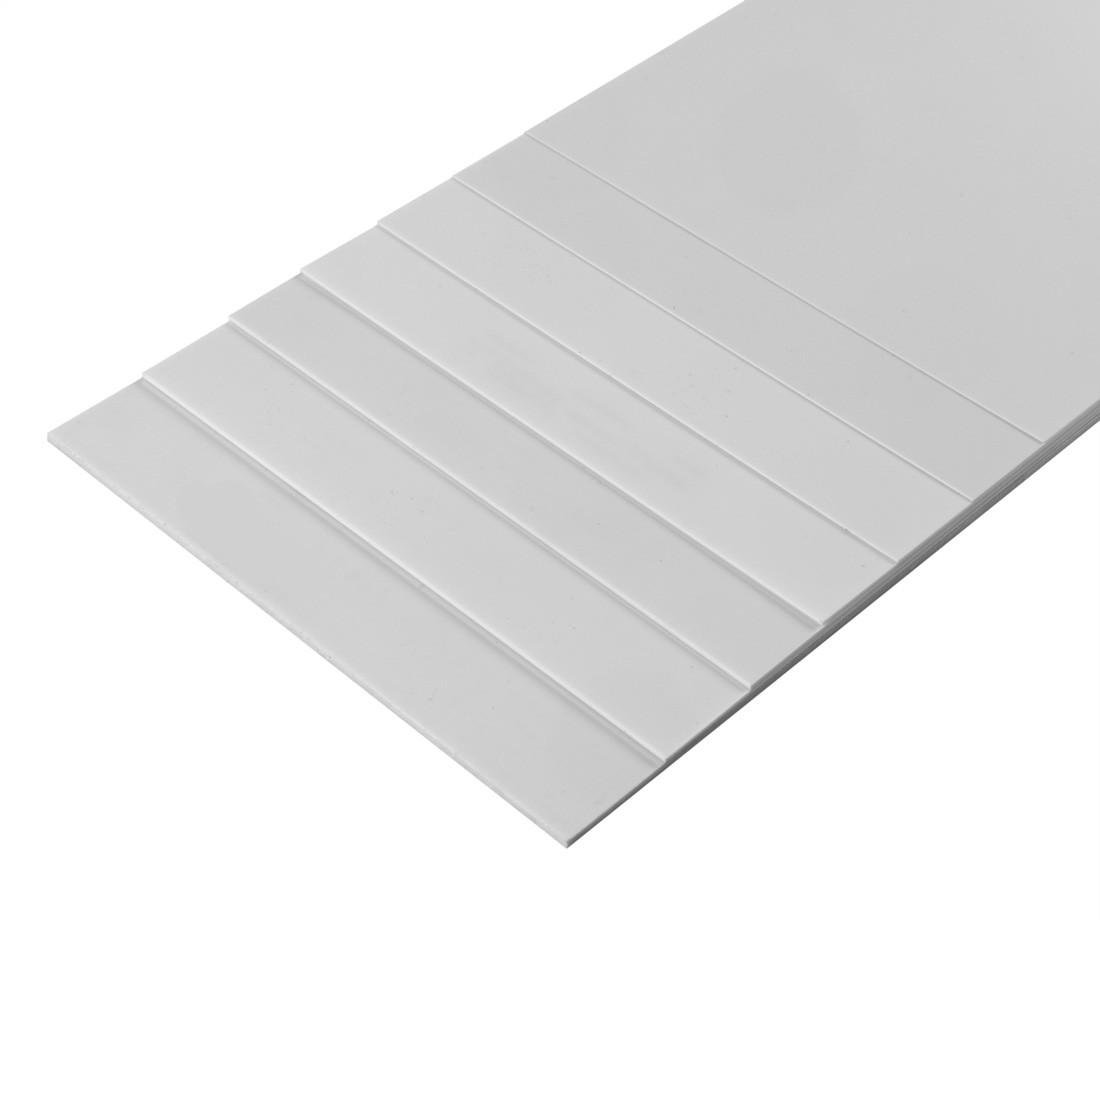 Styrene white mm.194x320 - mm.1,5